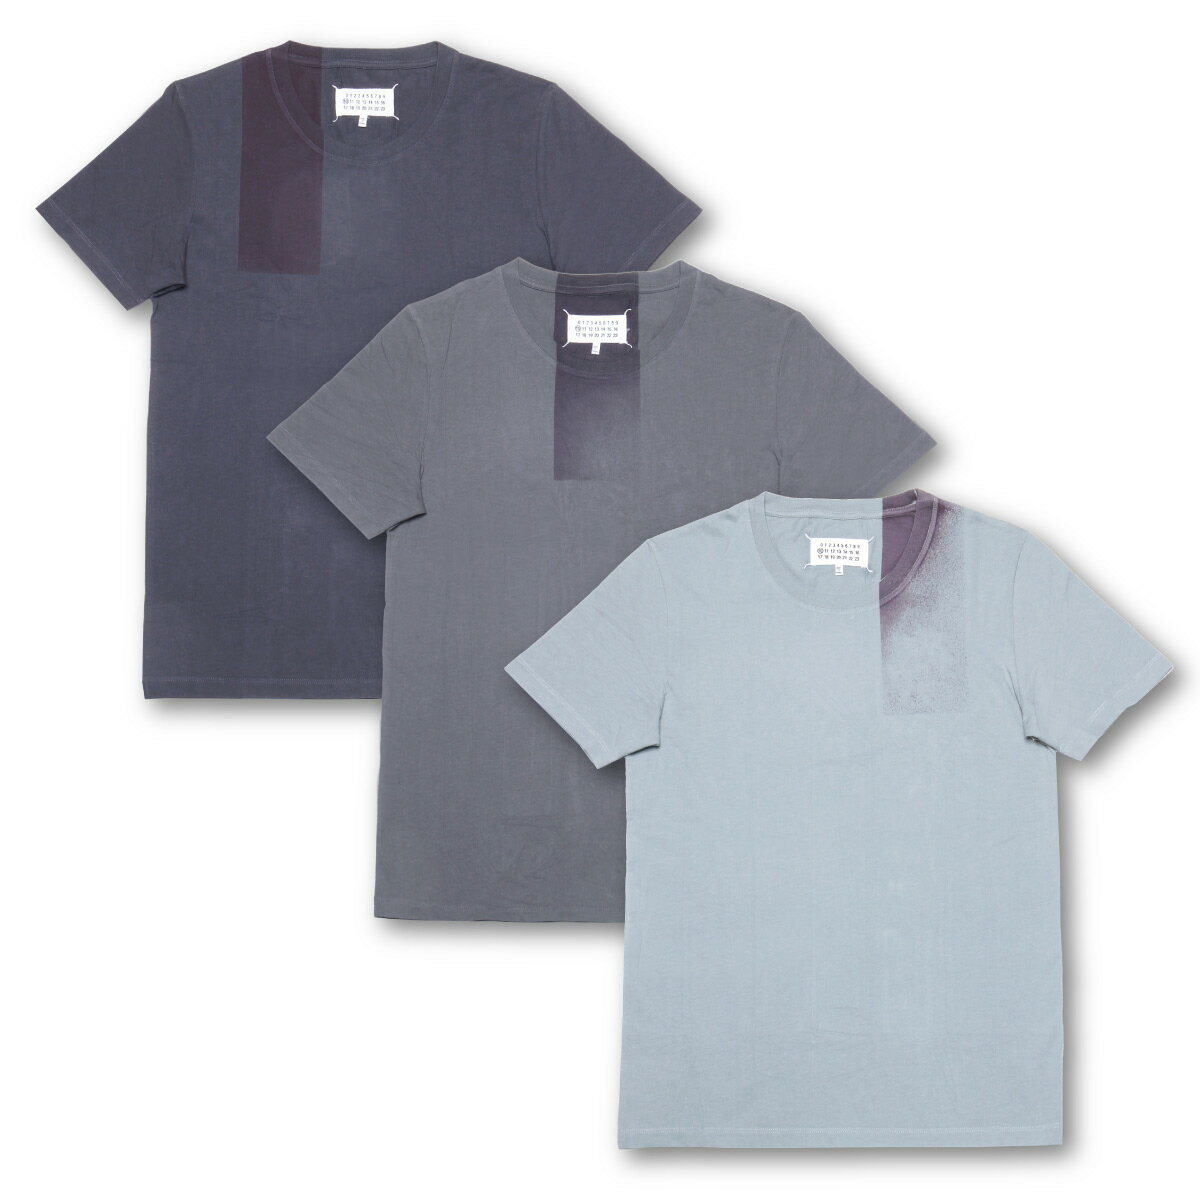 マルタン マルジェラ MARTIN MARGIELA Tシャツ メンズ S30GC0617 S22431 972 ライン10 半袖Tシャツ 3枚セット GREY グレー